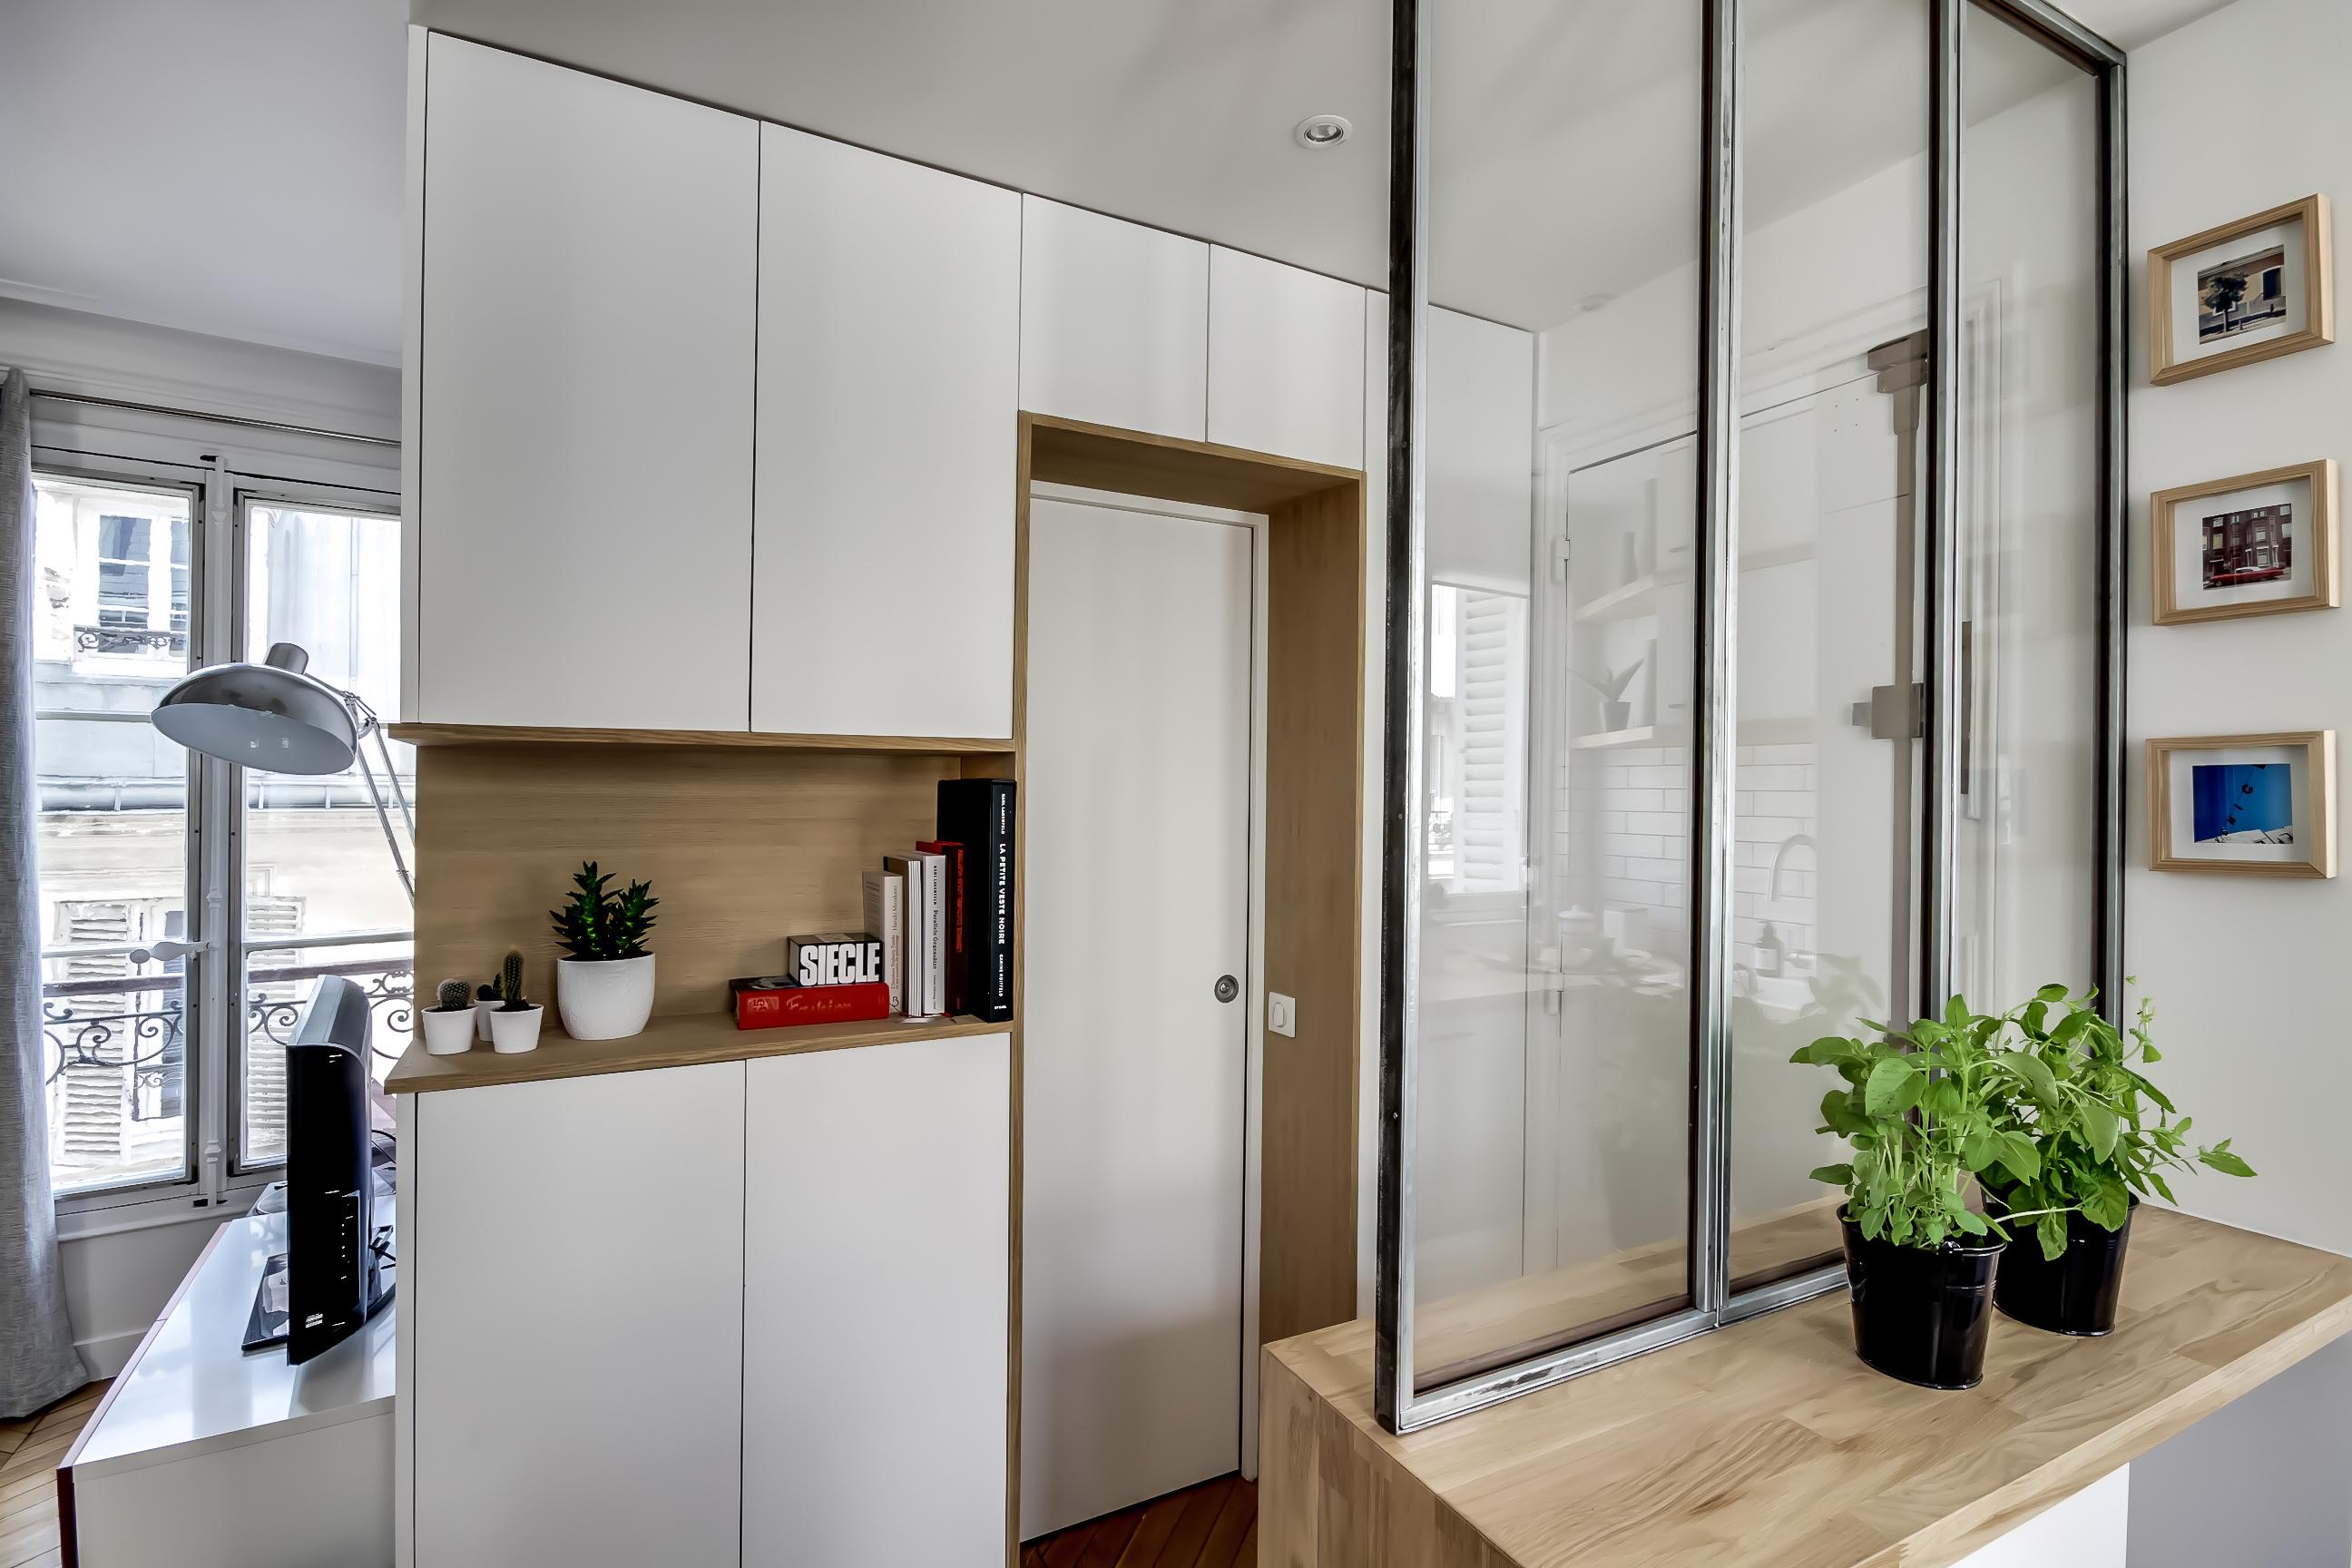 apartamento_38_metros_en_paris_atelier_daaa_6633366_2592x1728